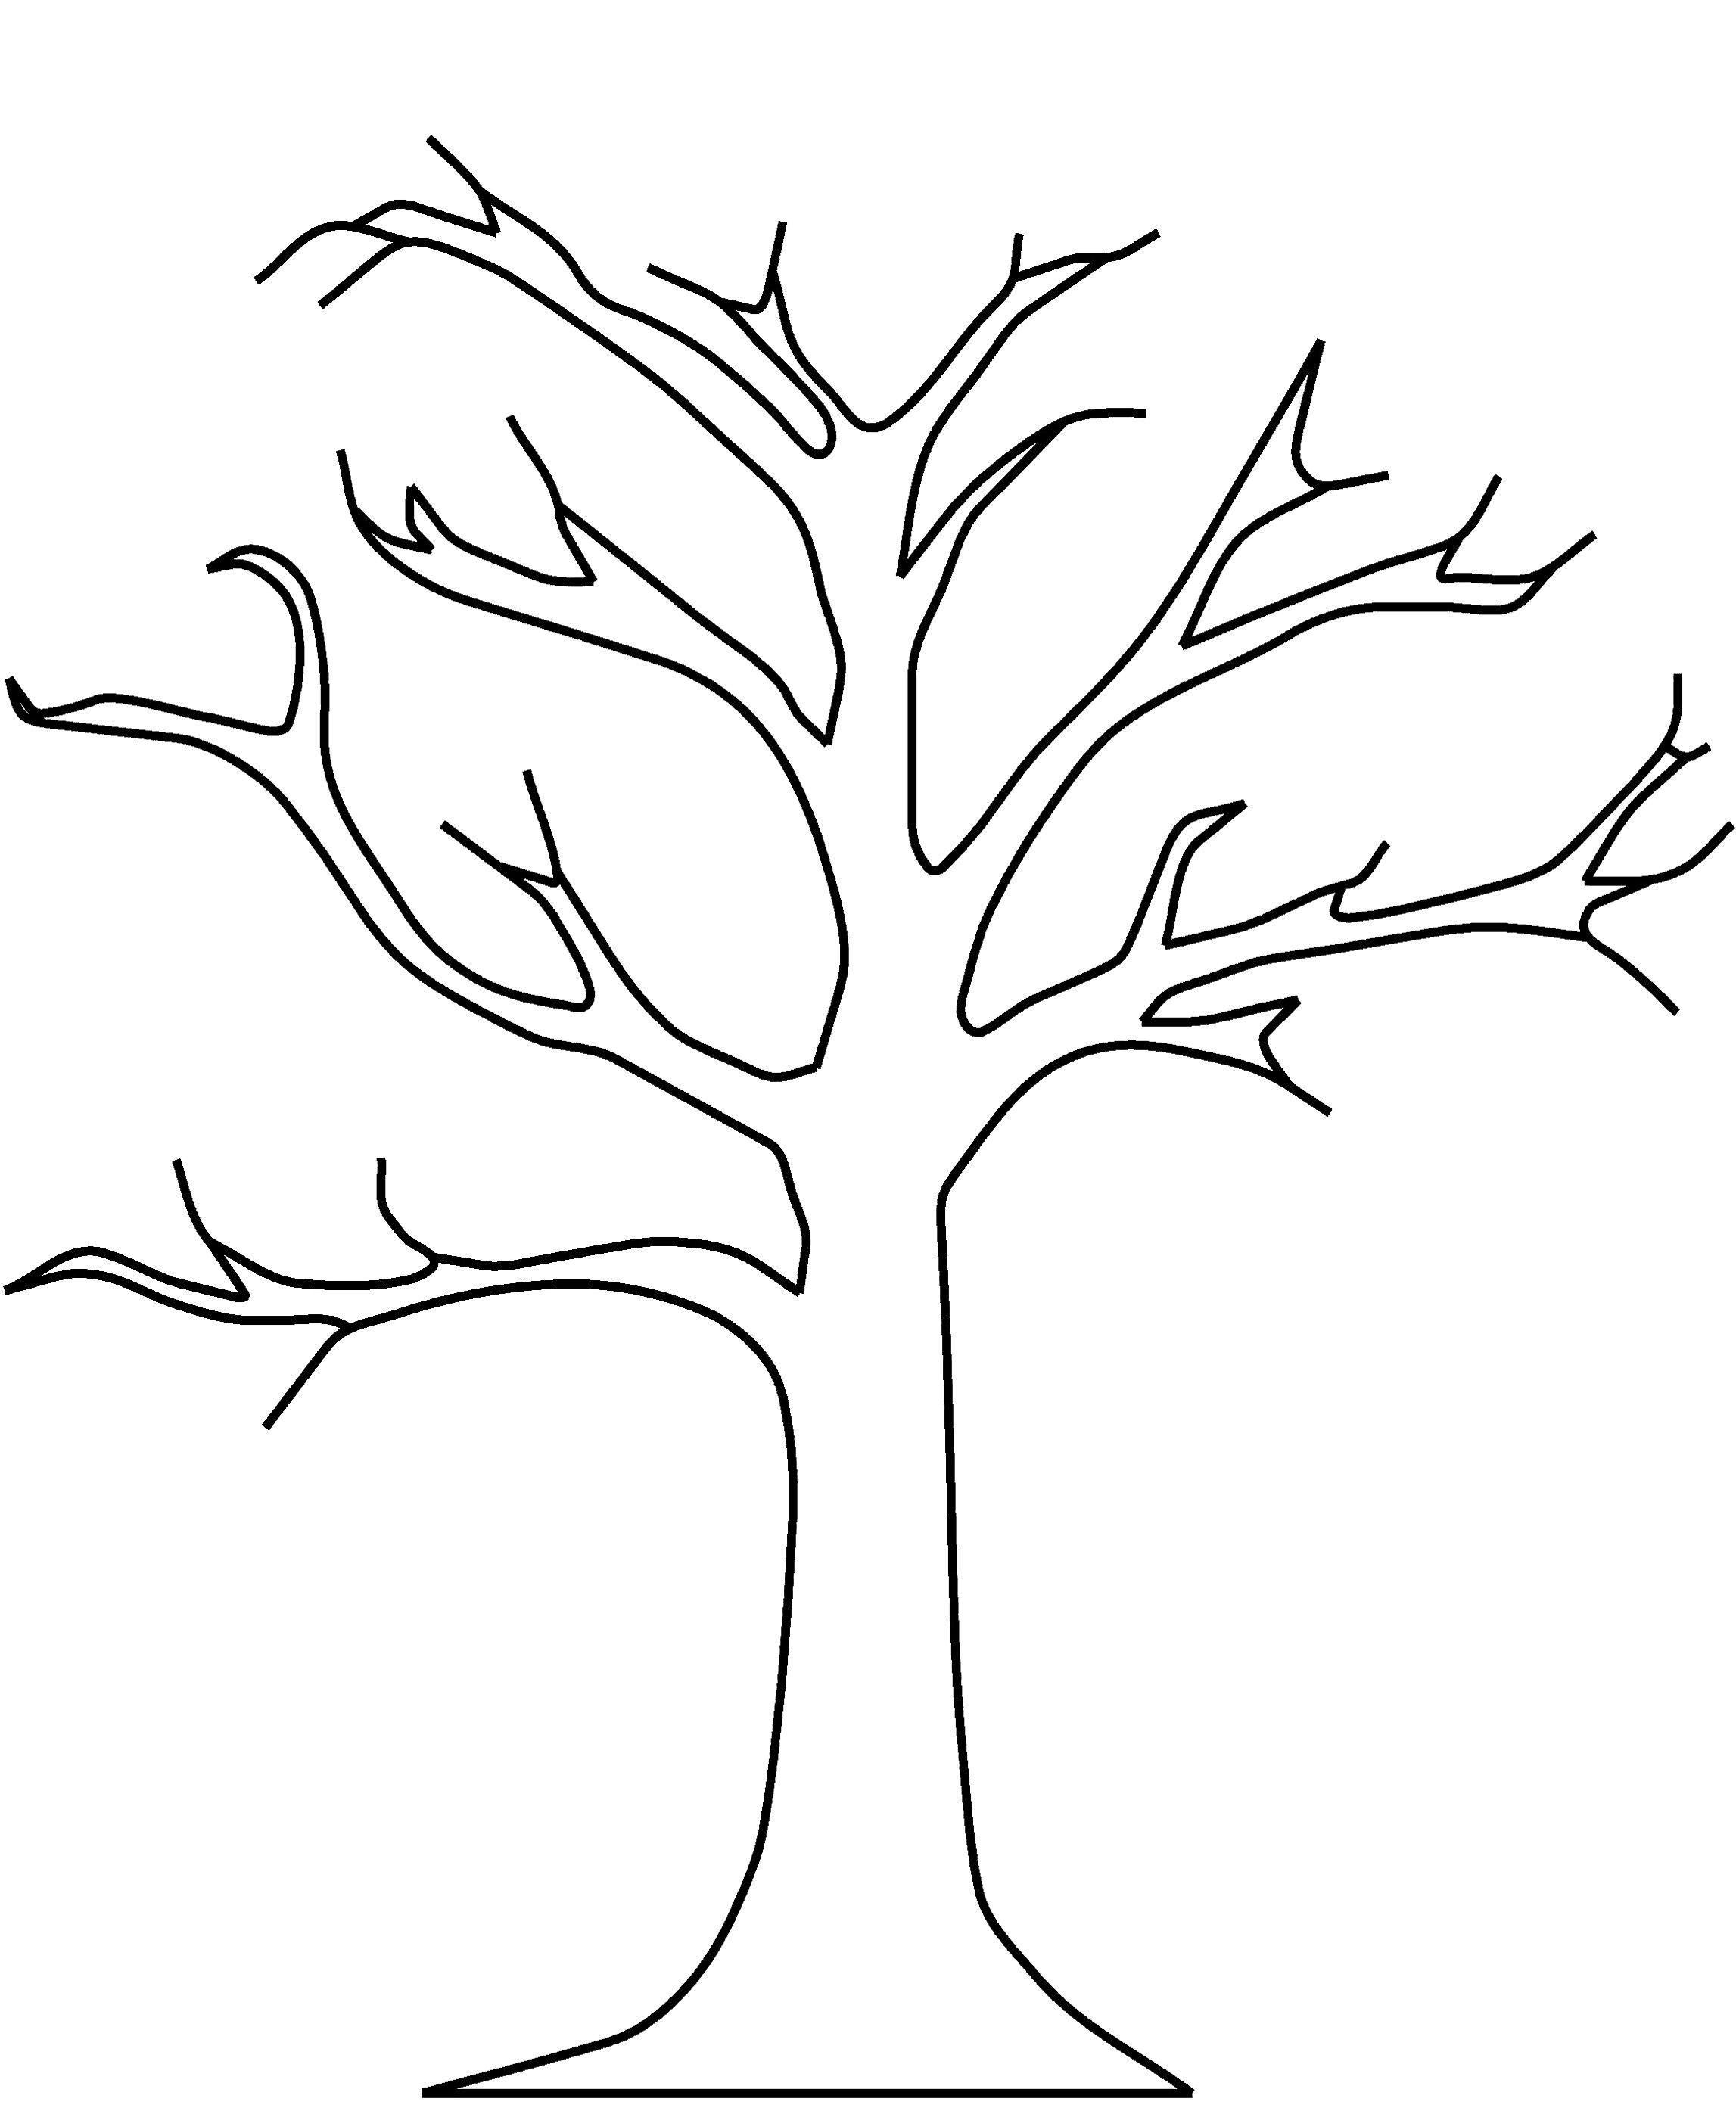 Autumn Tree Coloring Pages Baum Umriss Herbst Ausmalvorlagen